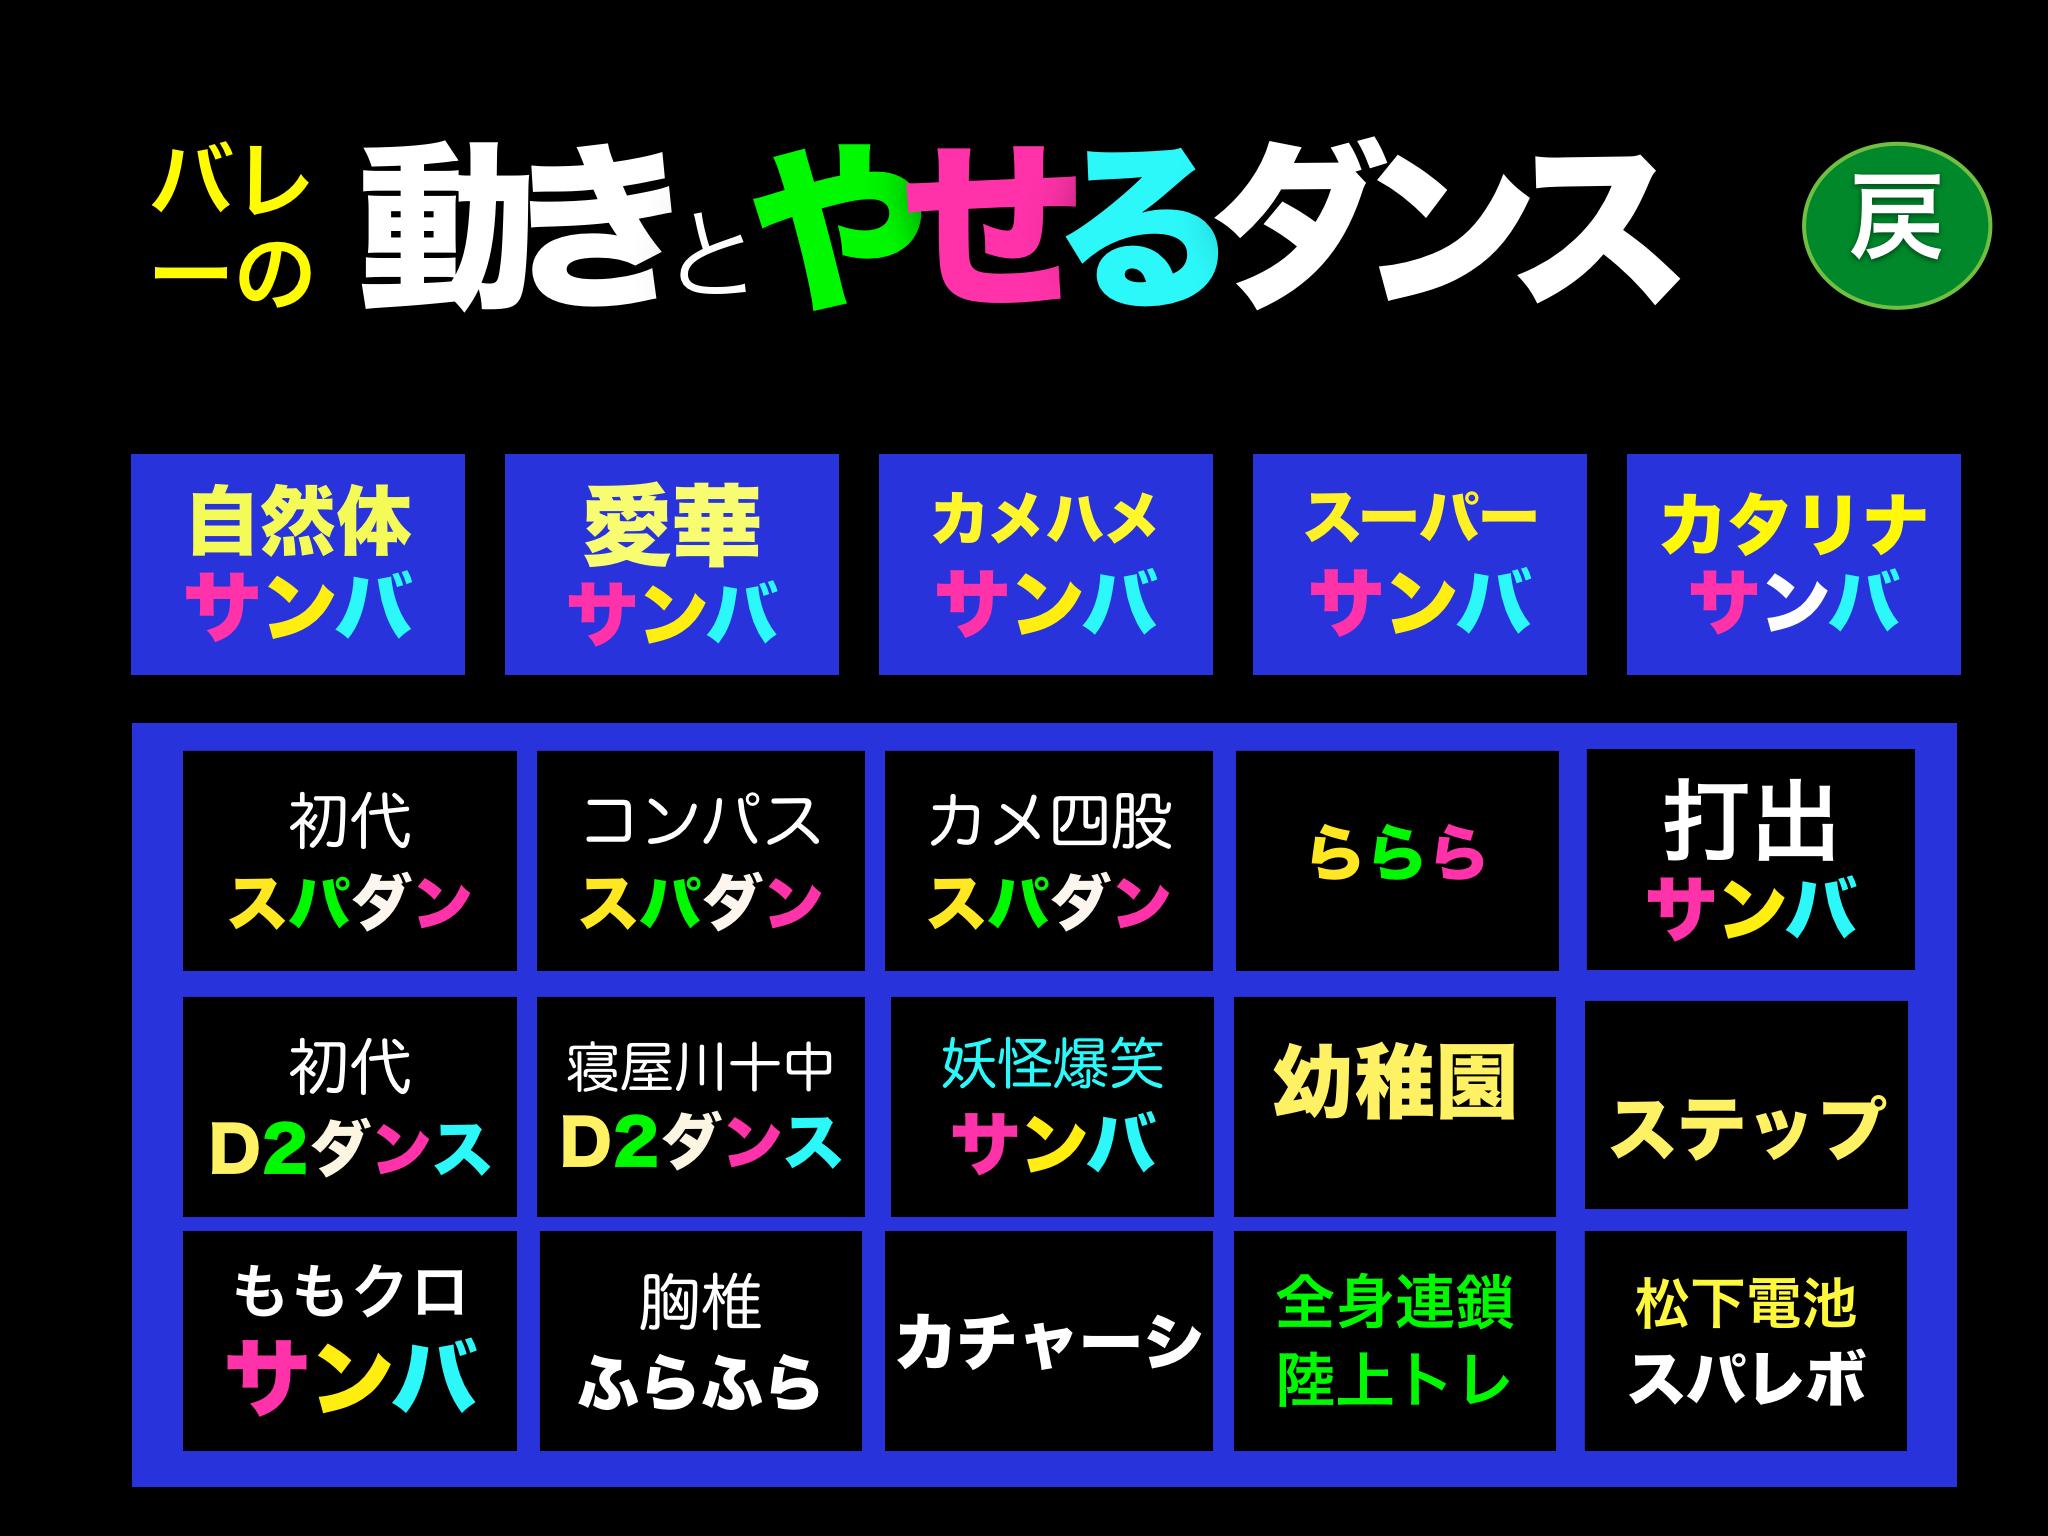 バレー塾 第949回 in横浜_c0000970_23524185.png